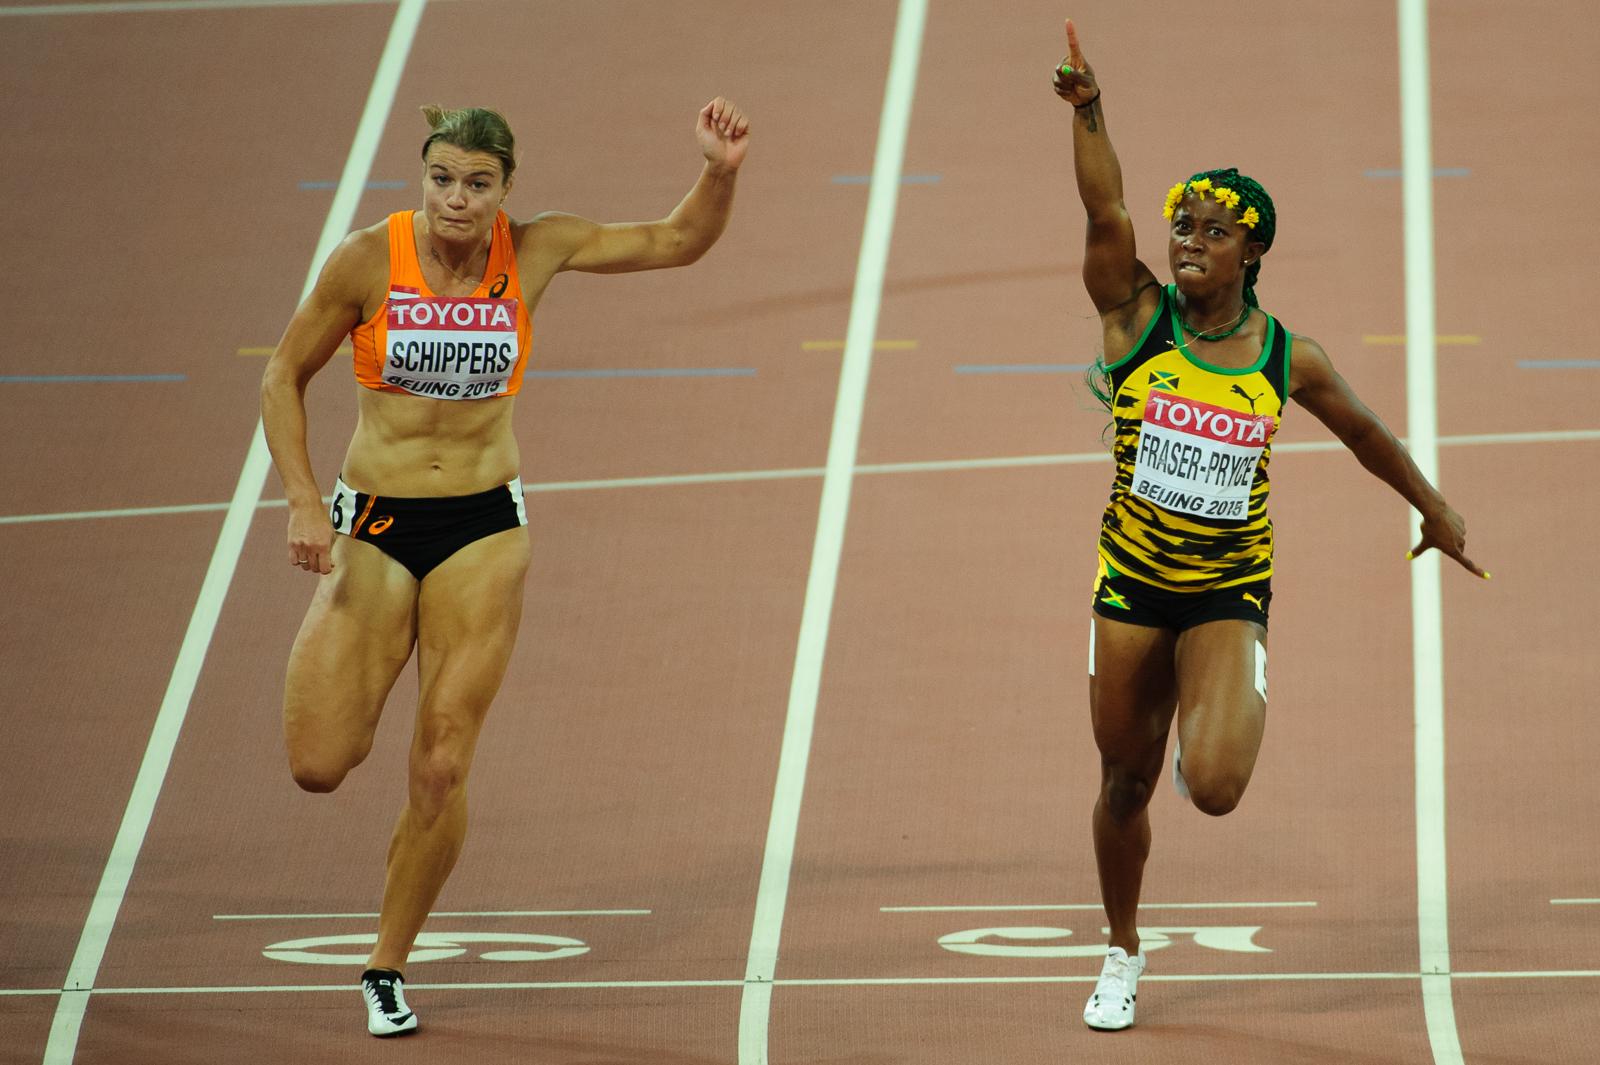 Majsterka sveta v behu na 100m, jamajčanka Shelly-Ann Fraser-Pryce-ová (vpravo) dobieha do cieľa po boku holanďanky Dafne Schippers-ovej, Majstrovstvá sveta v atletike 2015, 24.08.2015, Peking, Čína